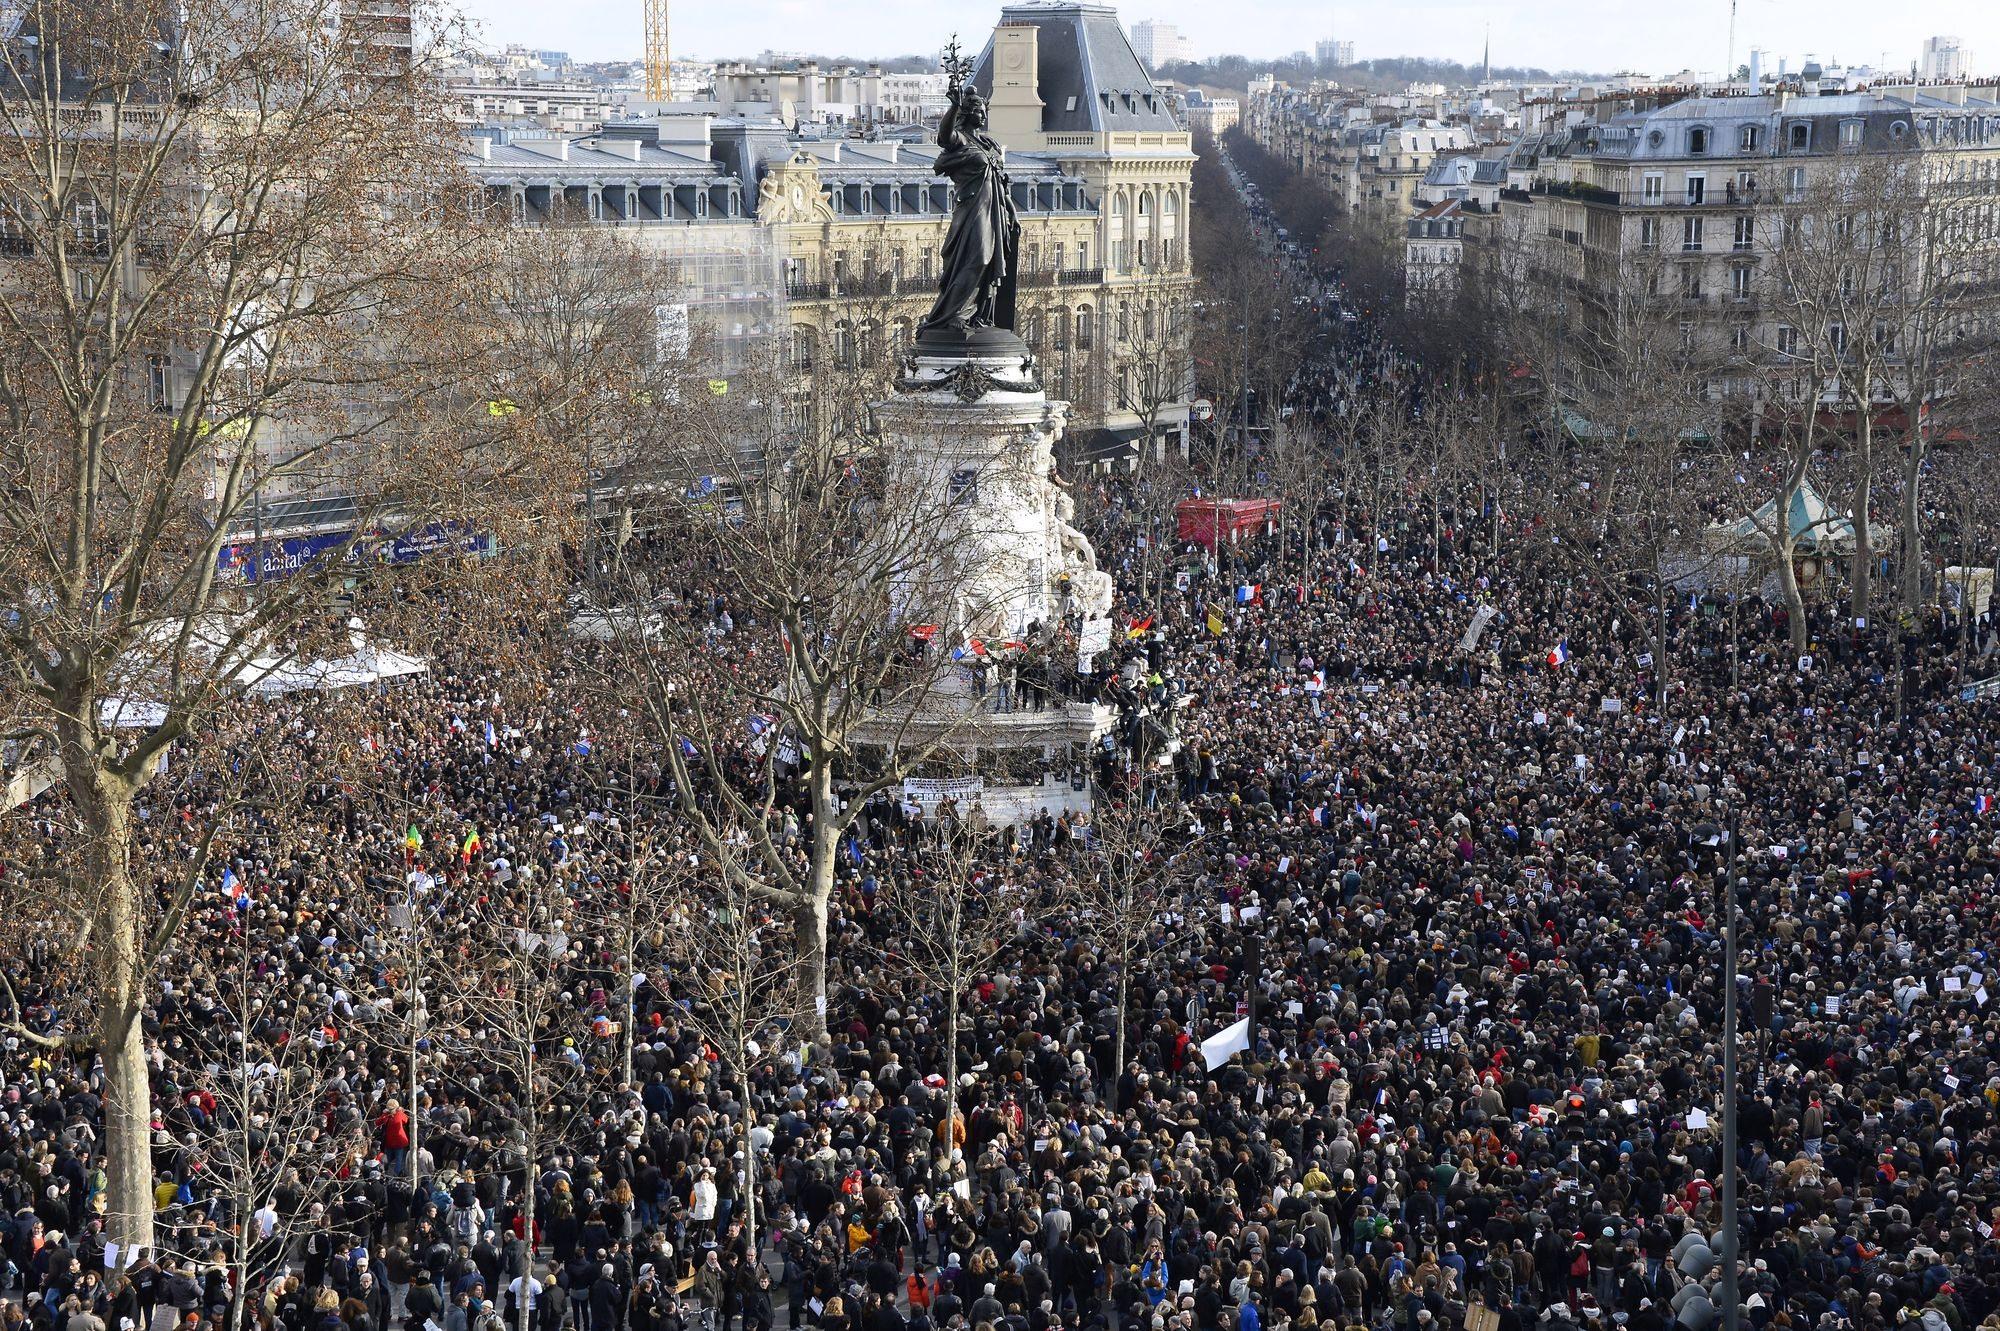 Rassemblement du 11 janvier 2015@L'Obs